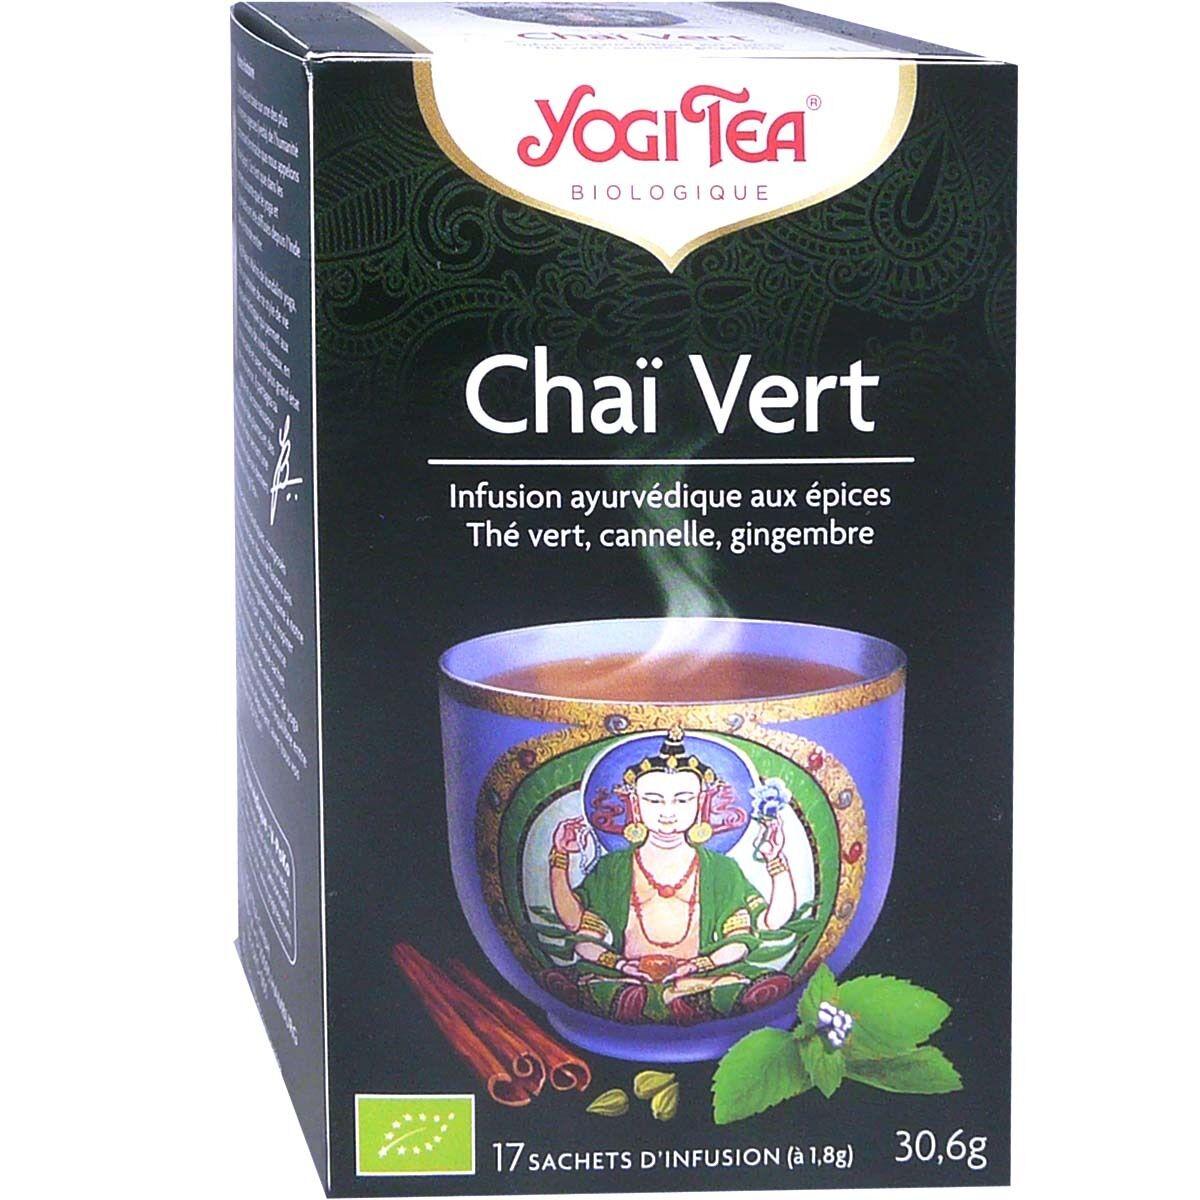 Yogi tea infusion chai vert x17 sachets